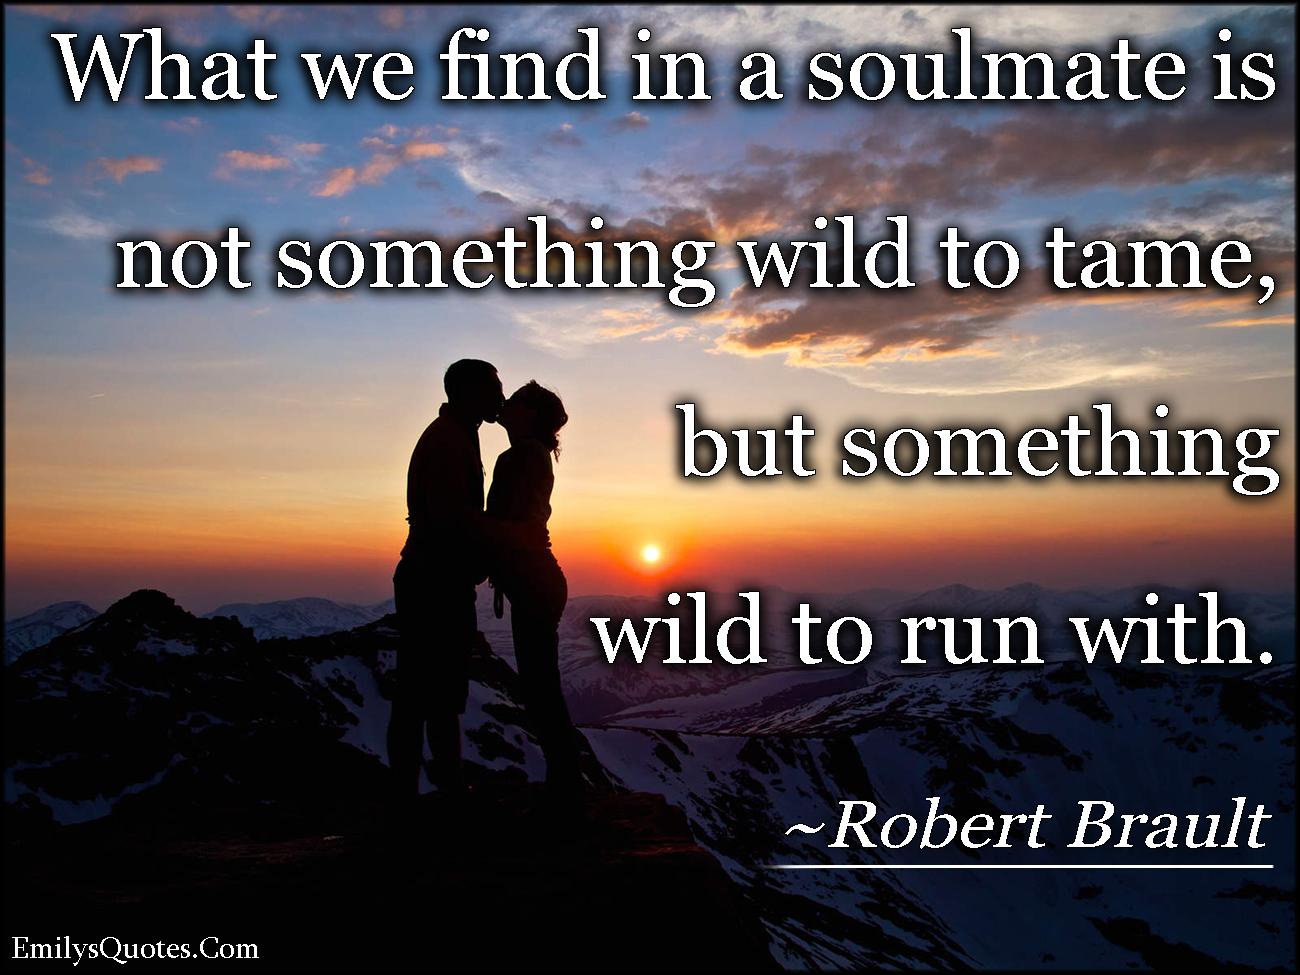 EmilysQuotes.Com - soulmate, wild, tame, relationship, understanding, love, Robert Brault